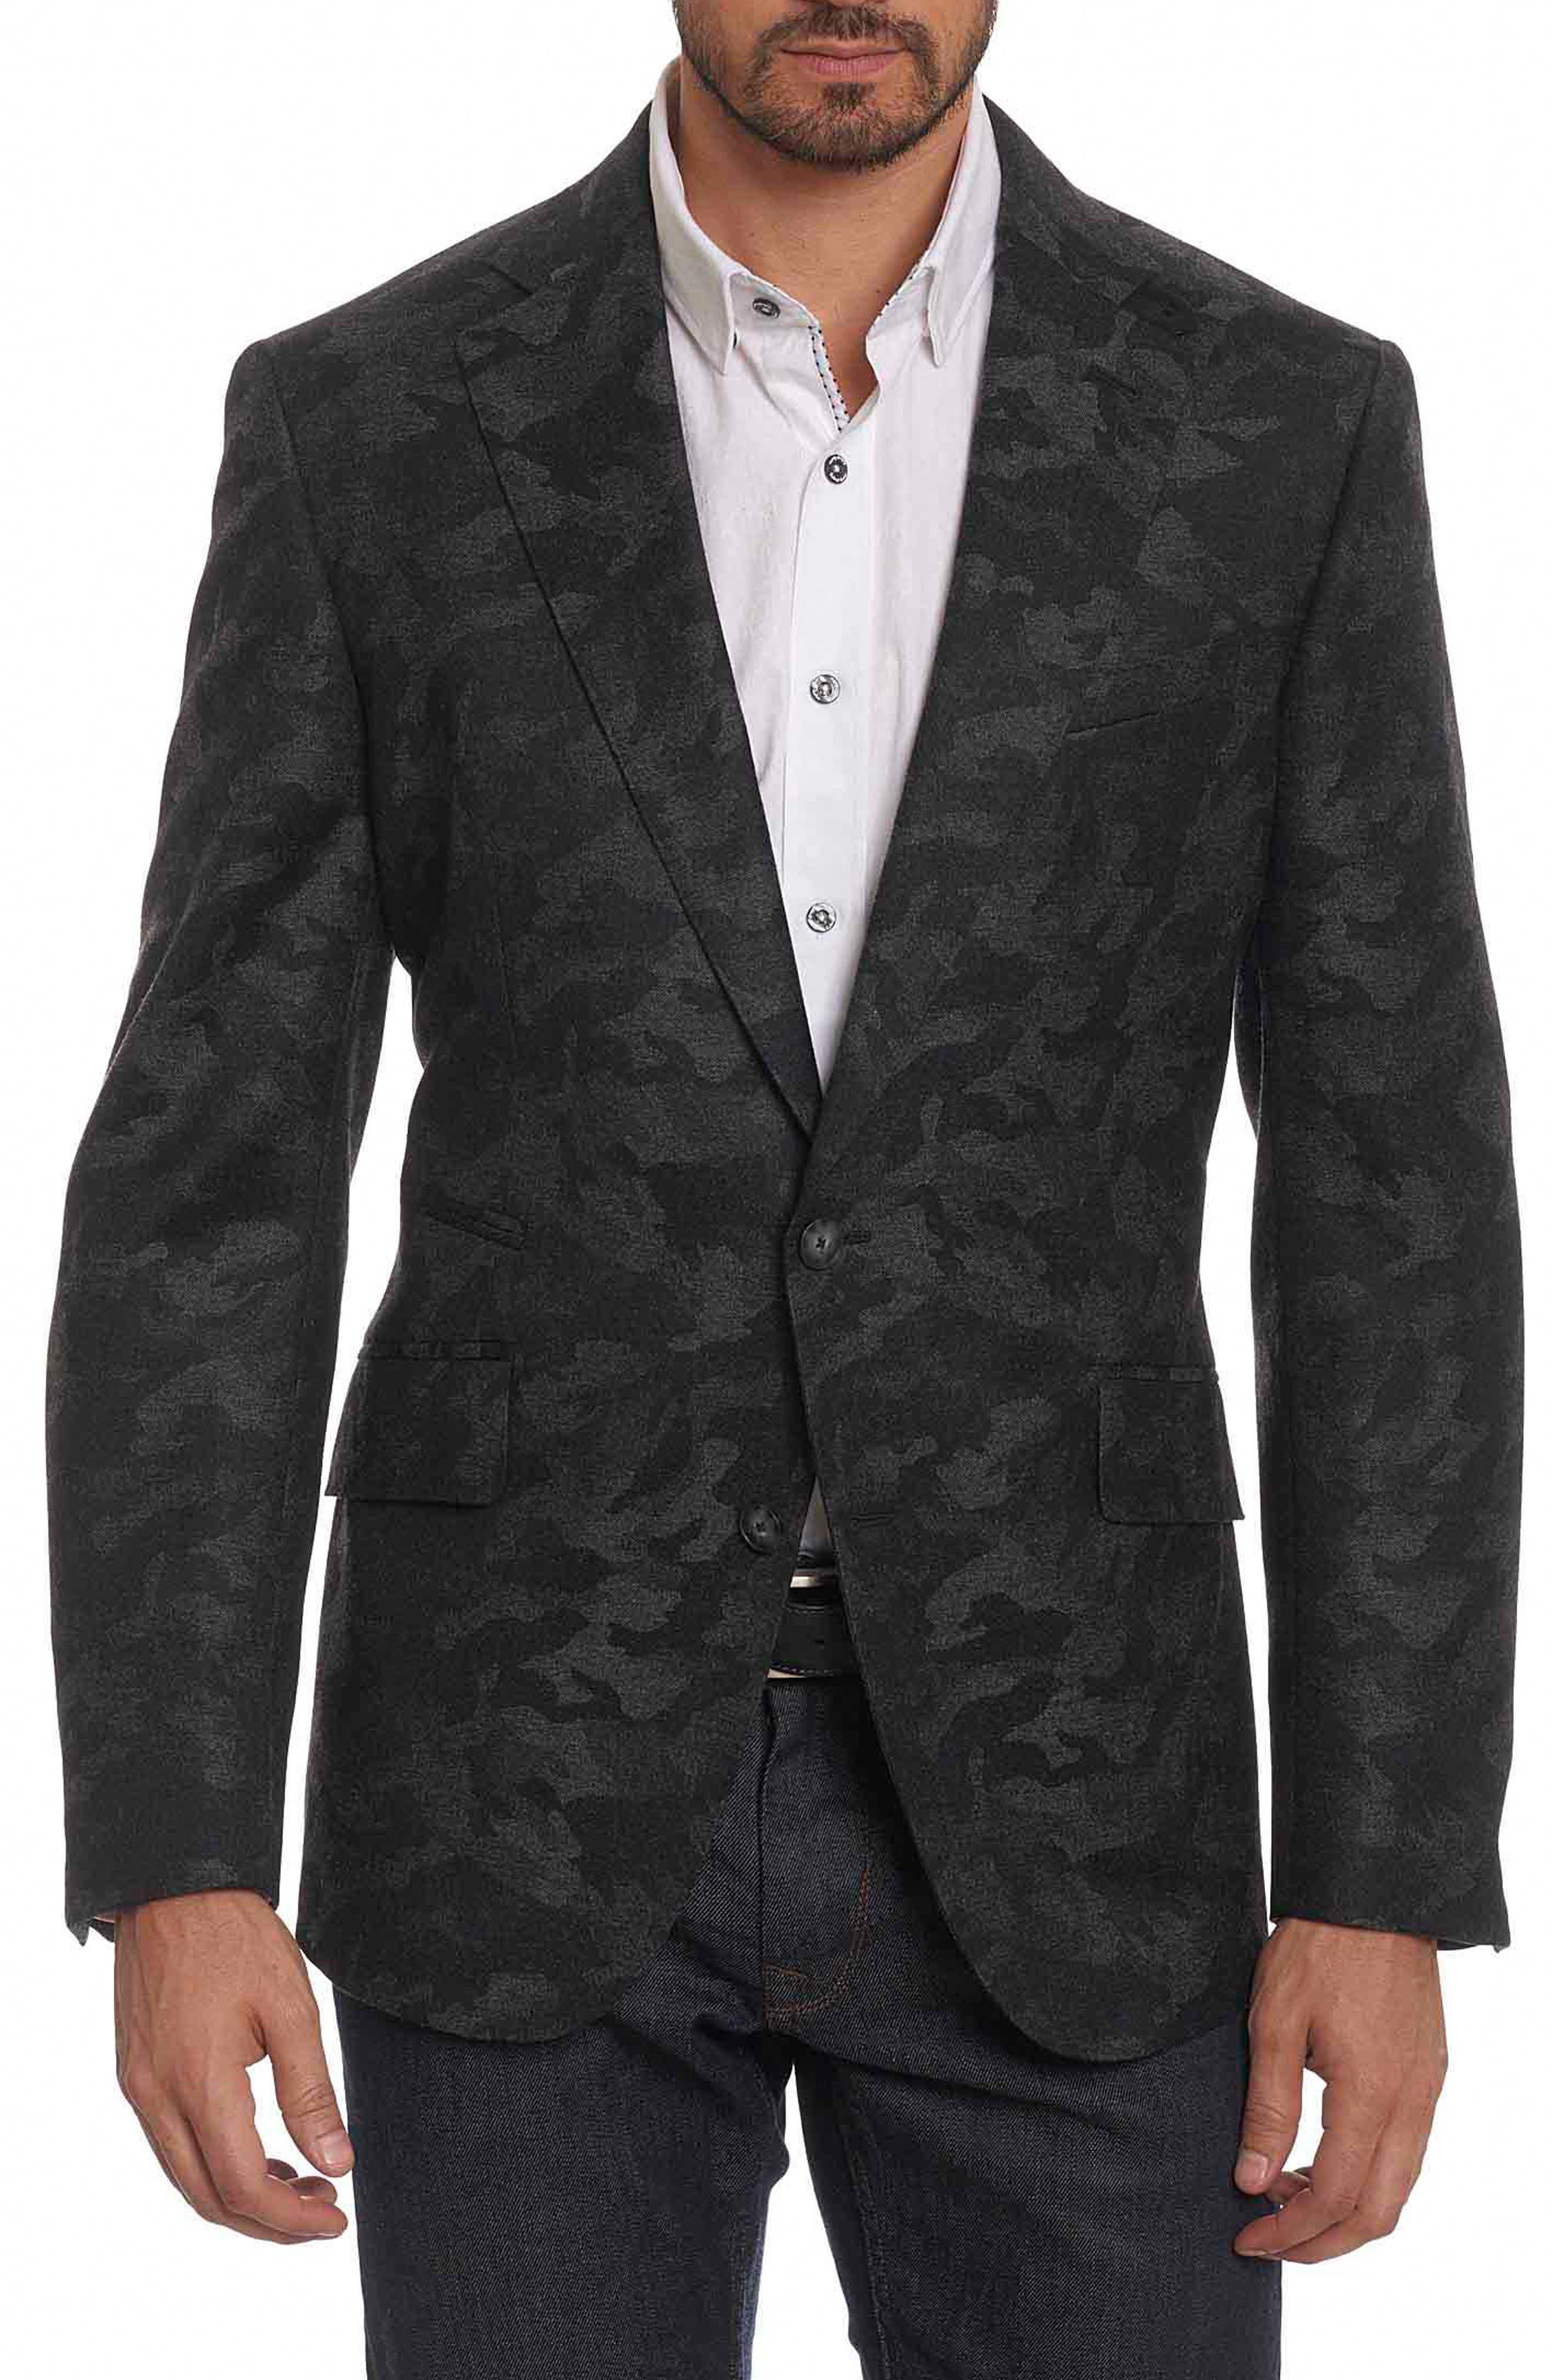 Portgain Classic Fit Sport Coat,                             Main thumbnail 1, color,                             Grey